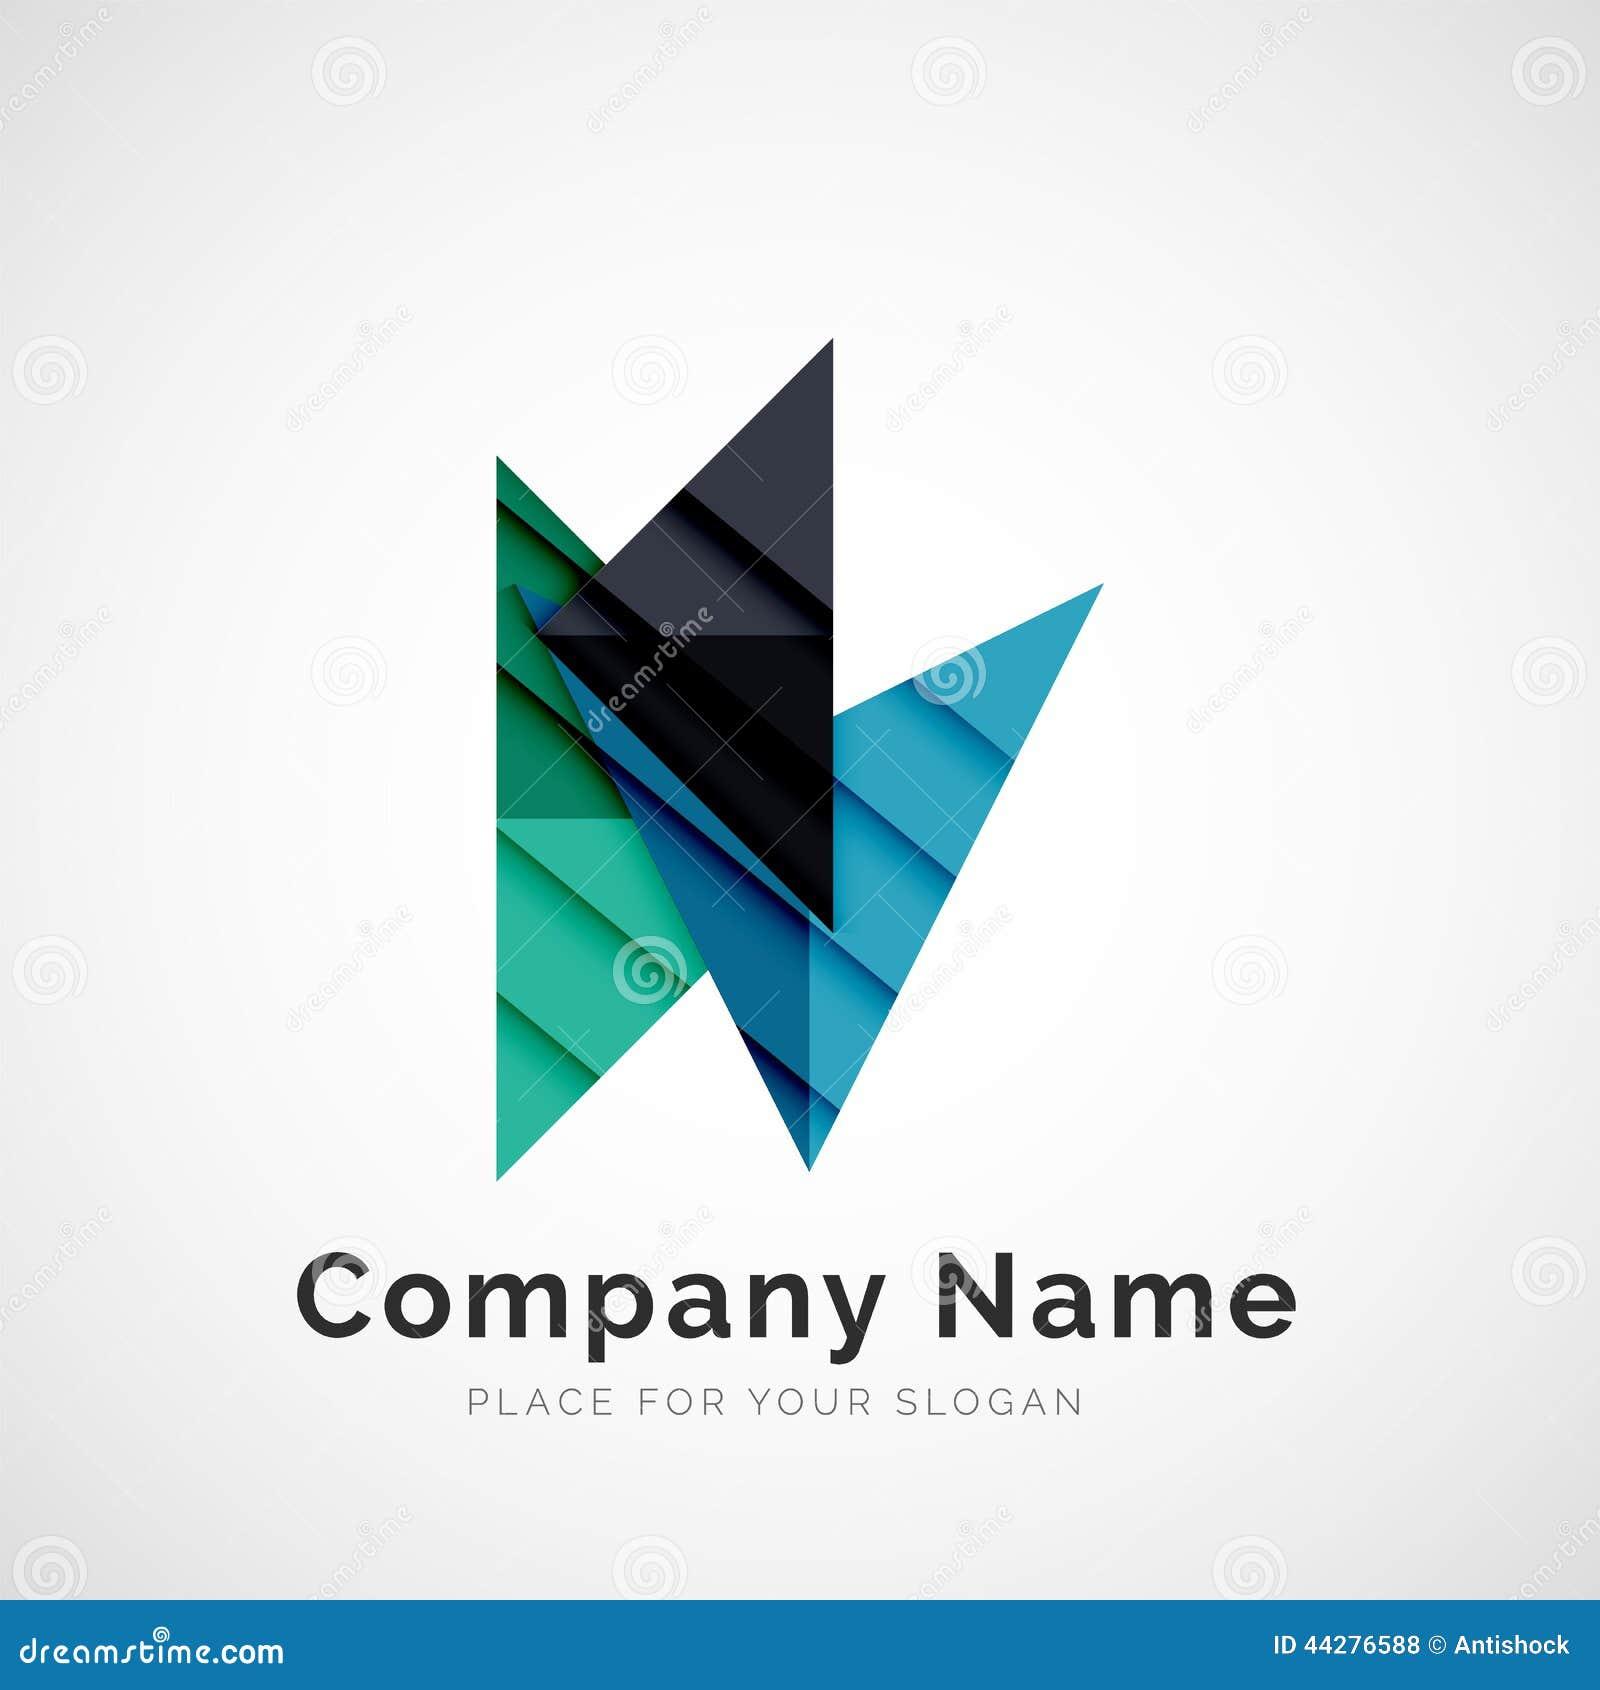 Геометрическая форма, логотип компании